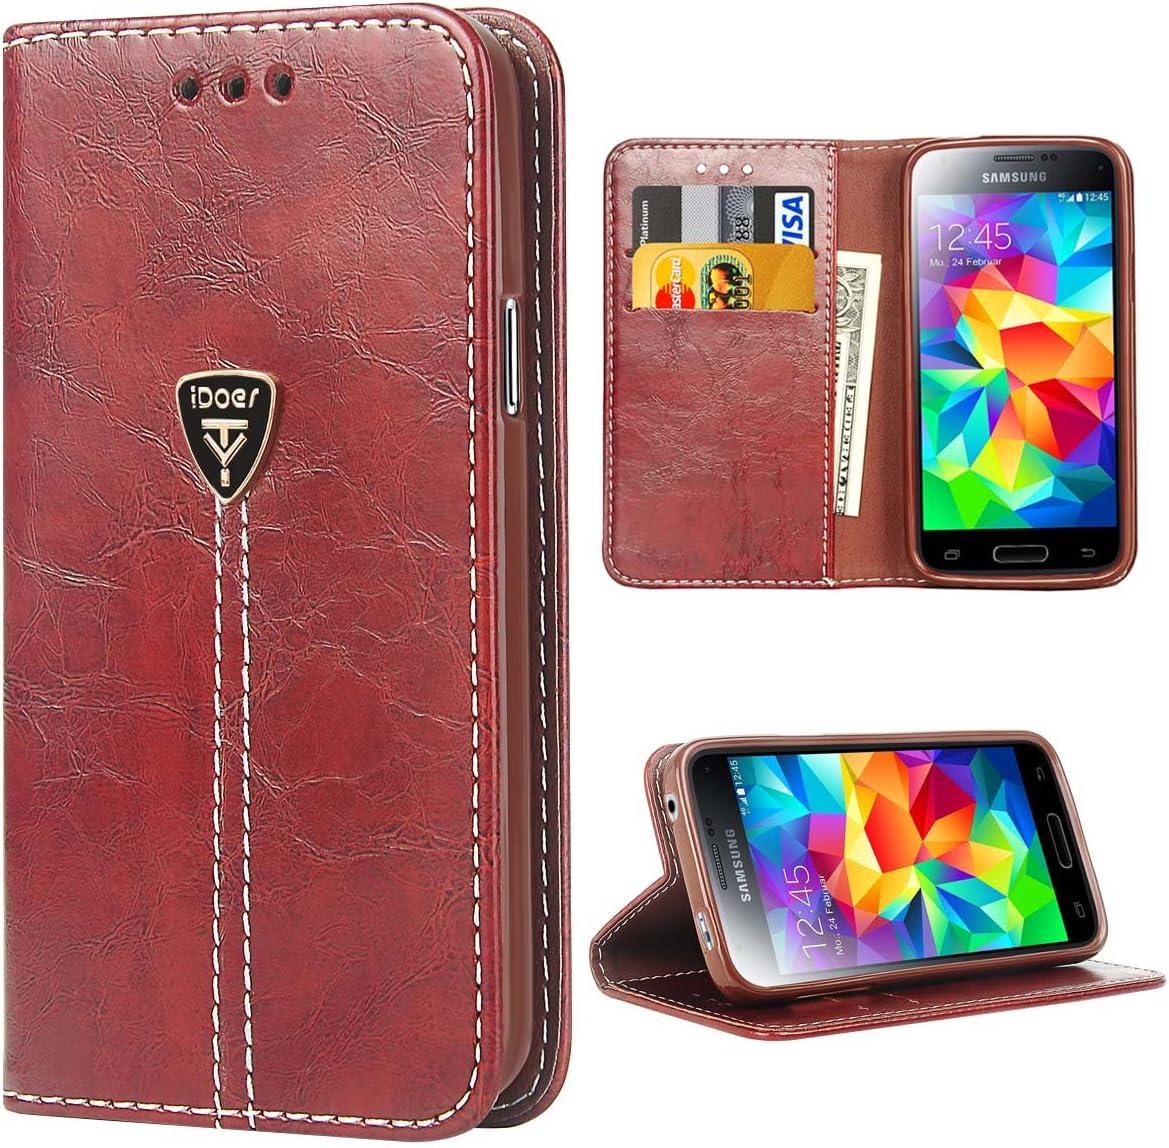 Carcasa para Galaxy S5, S5 Funda con Tapa Libro Piel y TPU